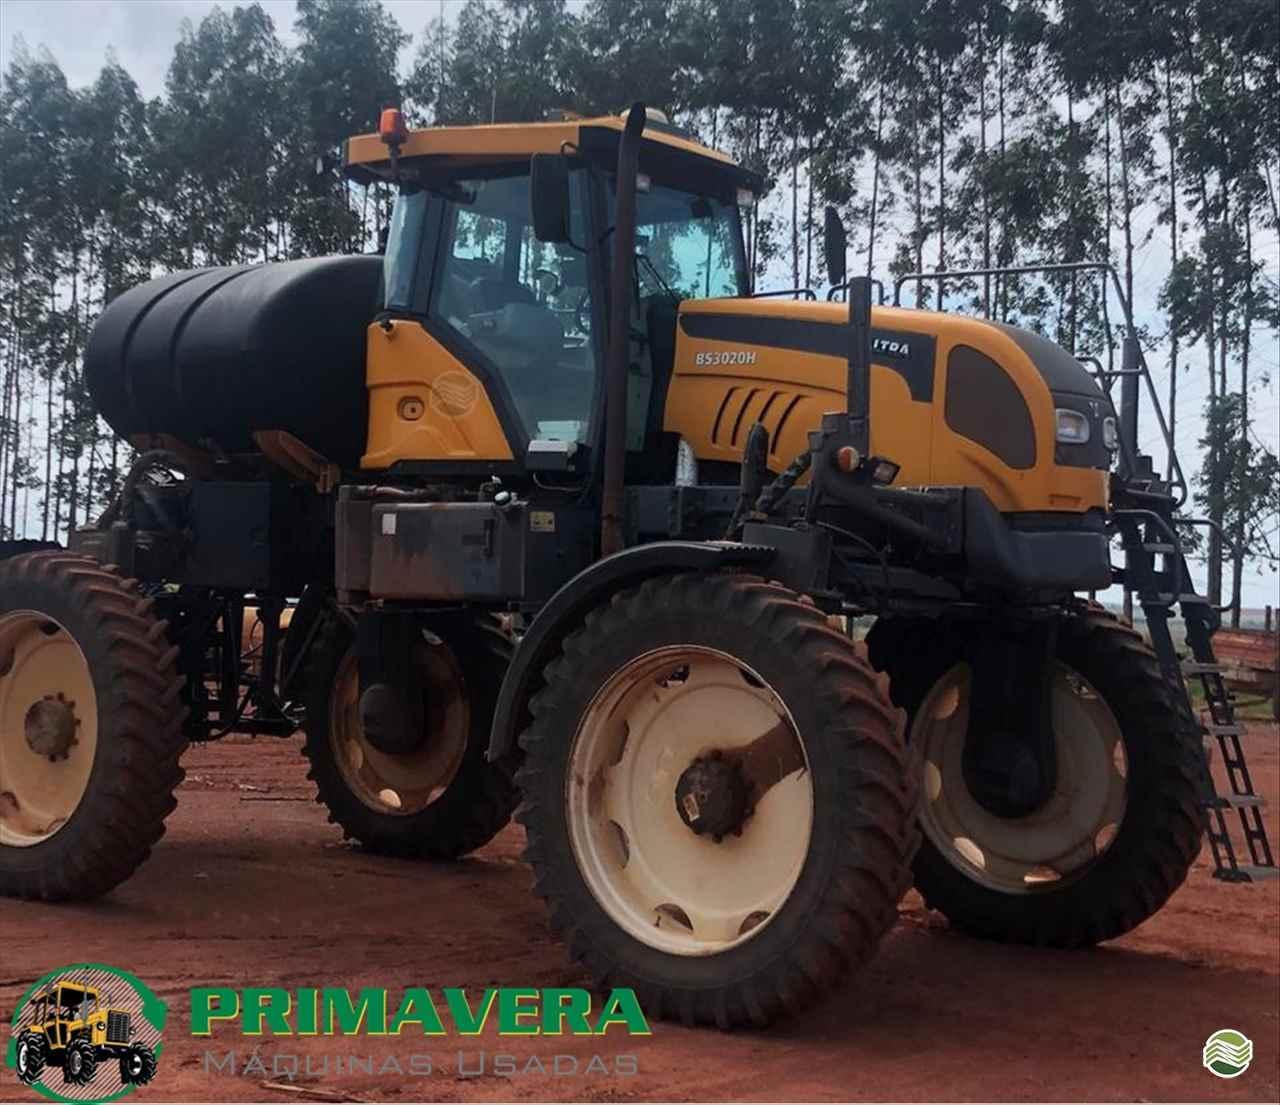 PULVERIZADOR VALTRA BS 3020 GRAOS Tração 4x4 Primavera Máquinas Usadas PRIMAVERA DO LESTE MATO GROSSO MT